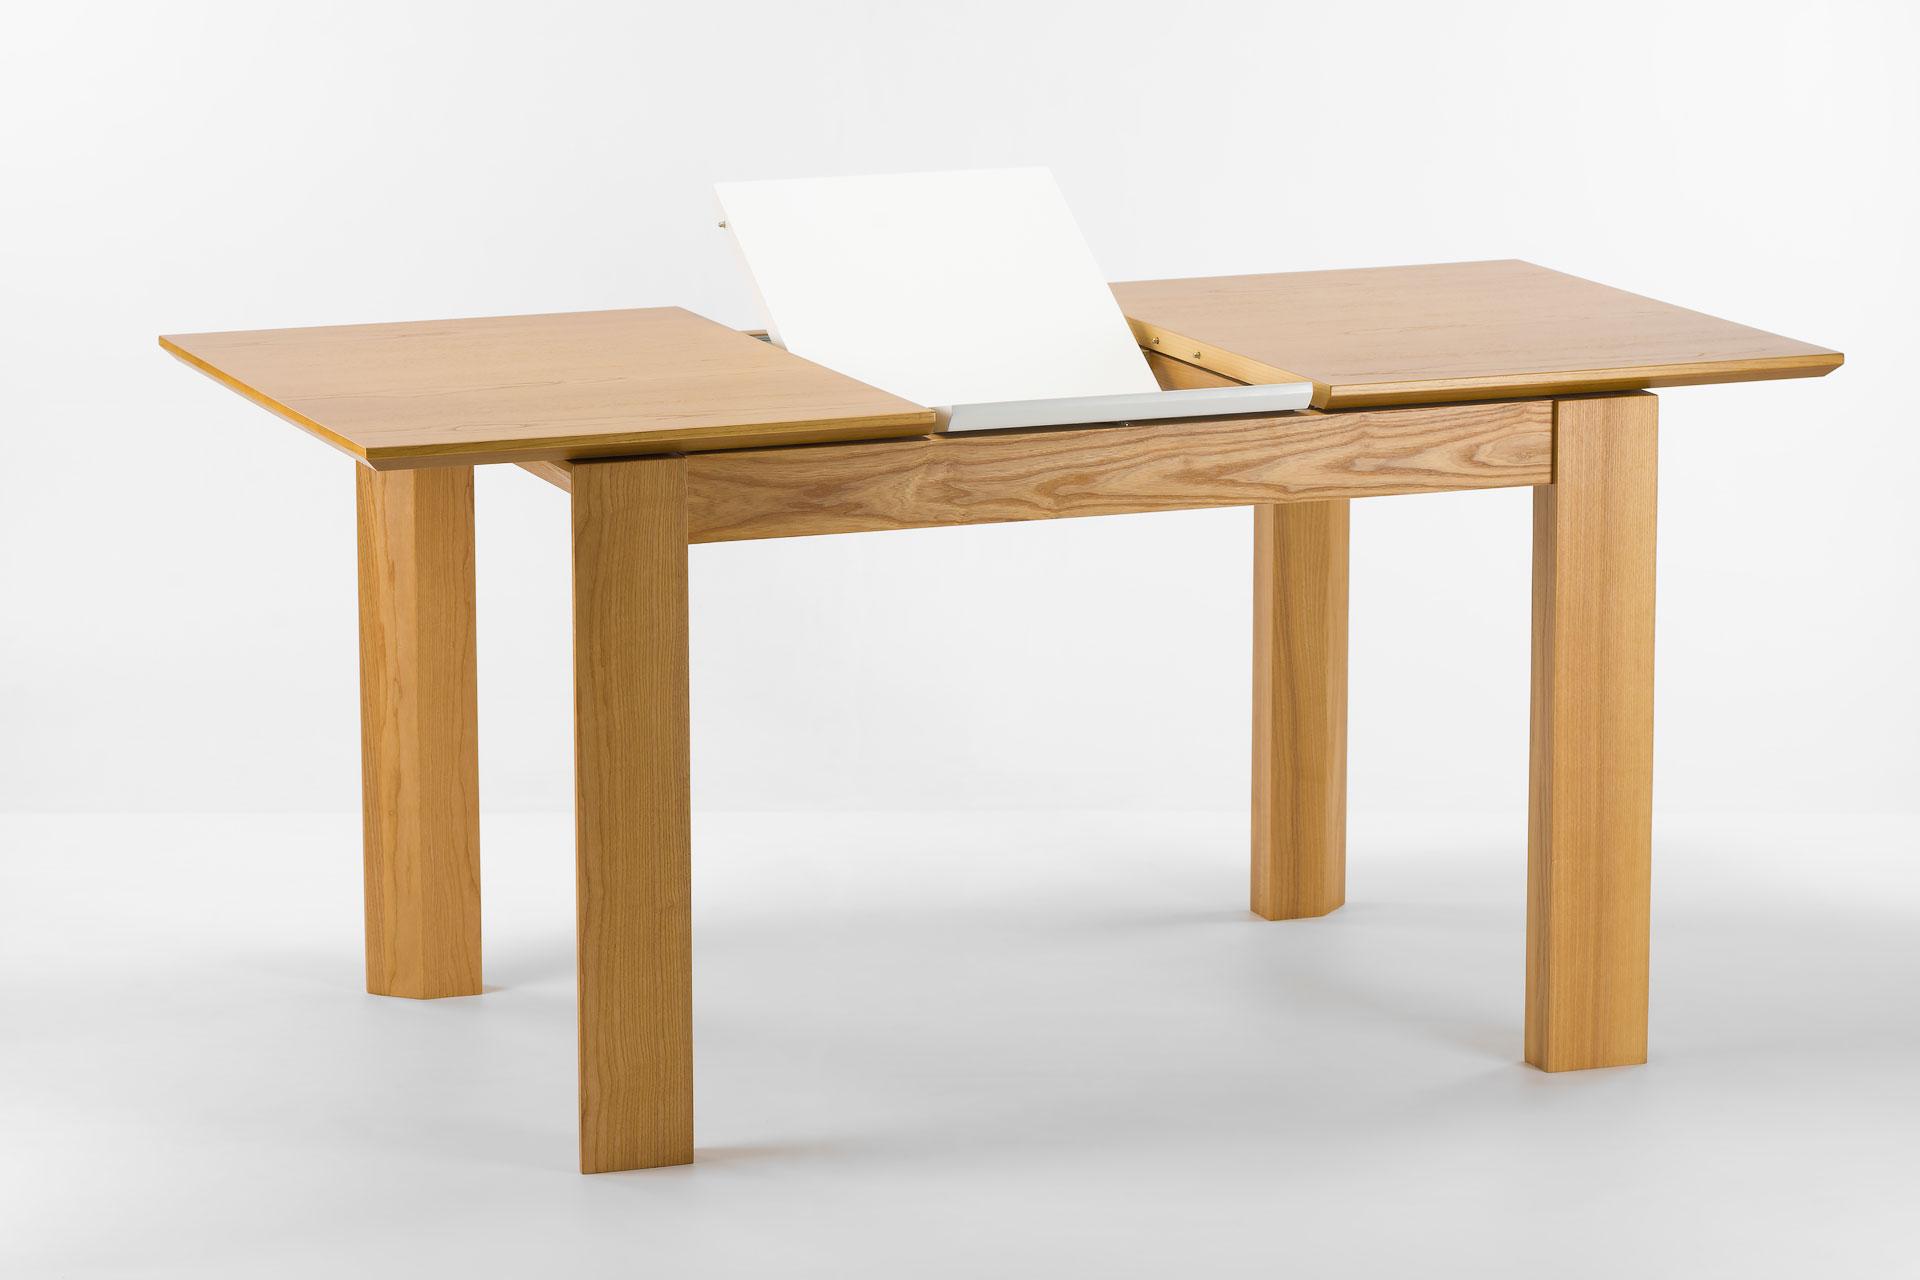 """Кухонный стол """"Милан-люкс"""" со шпонированной столешницей SE1405 и белой вставкой"""